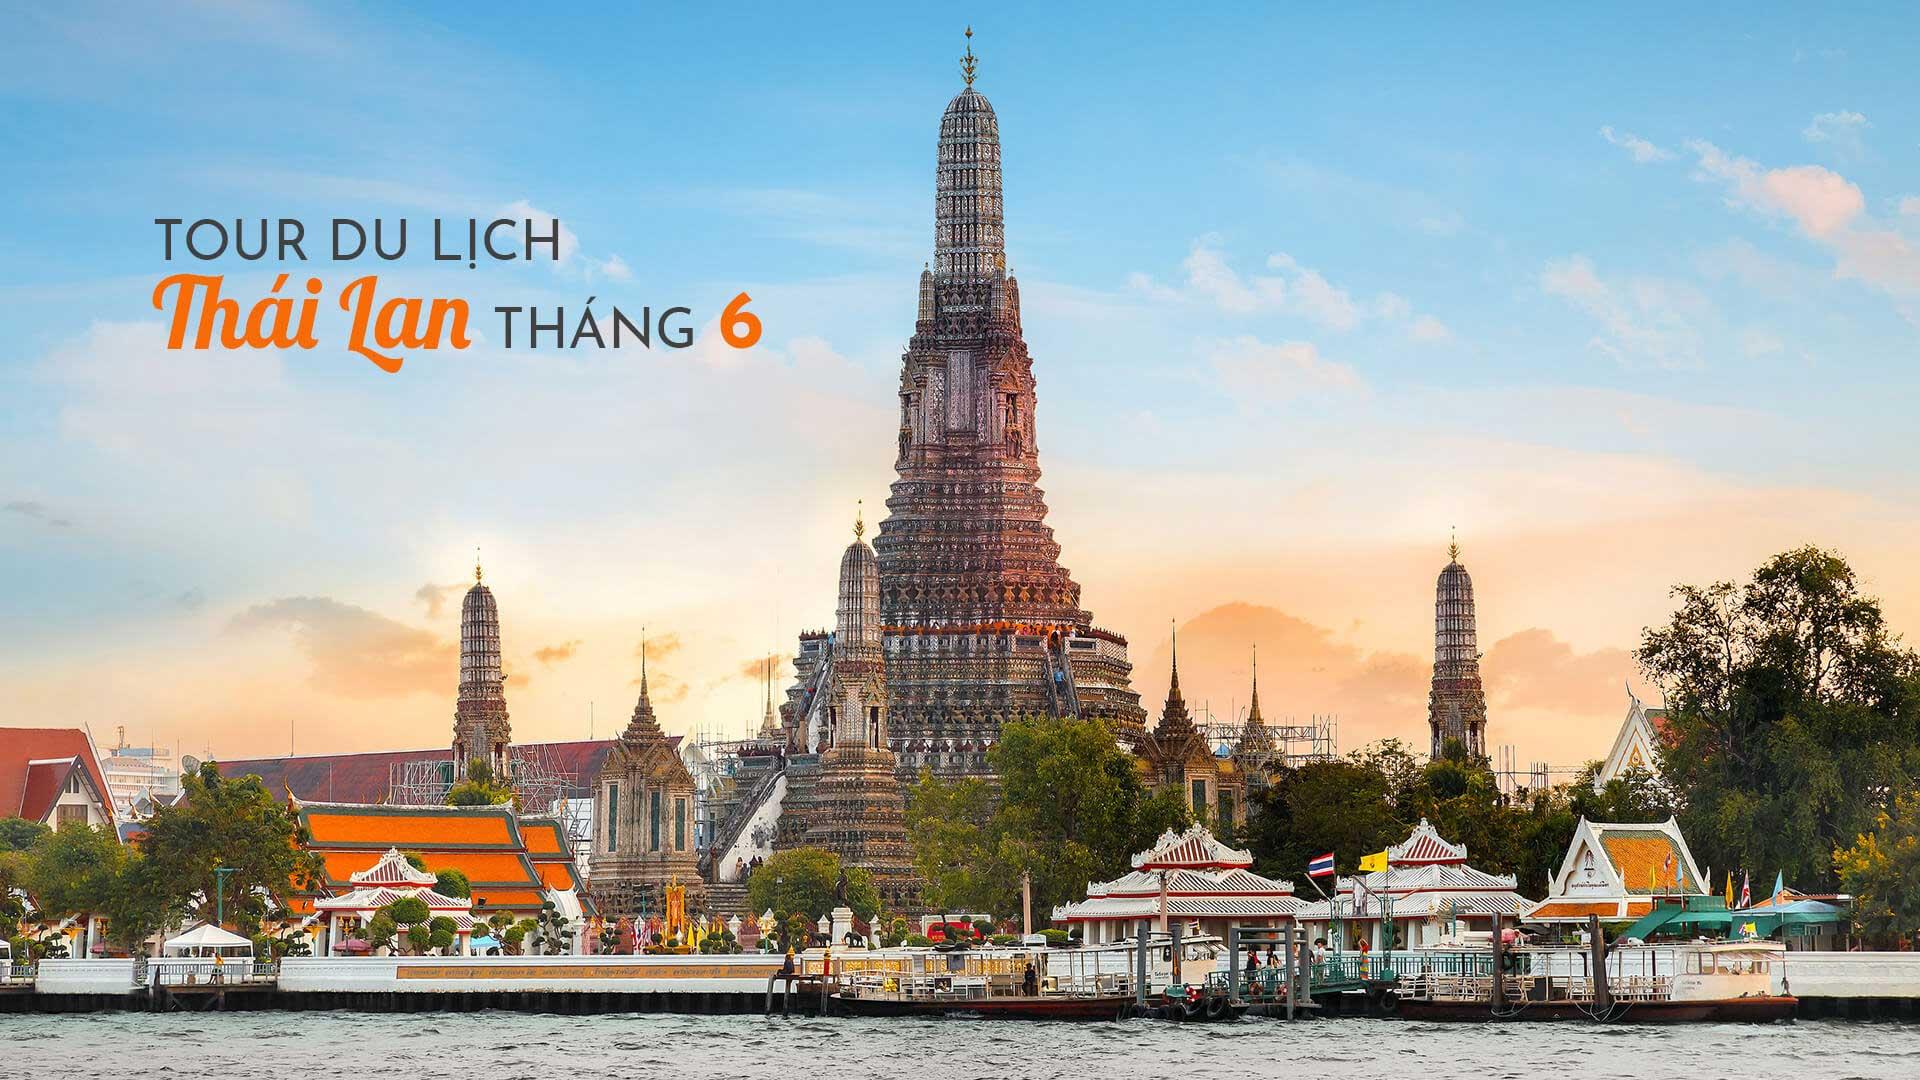 Đi tour du lịch Thái Lan tháng 6 cần chú ý những gì?